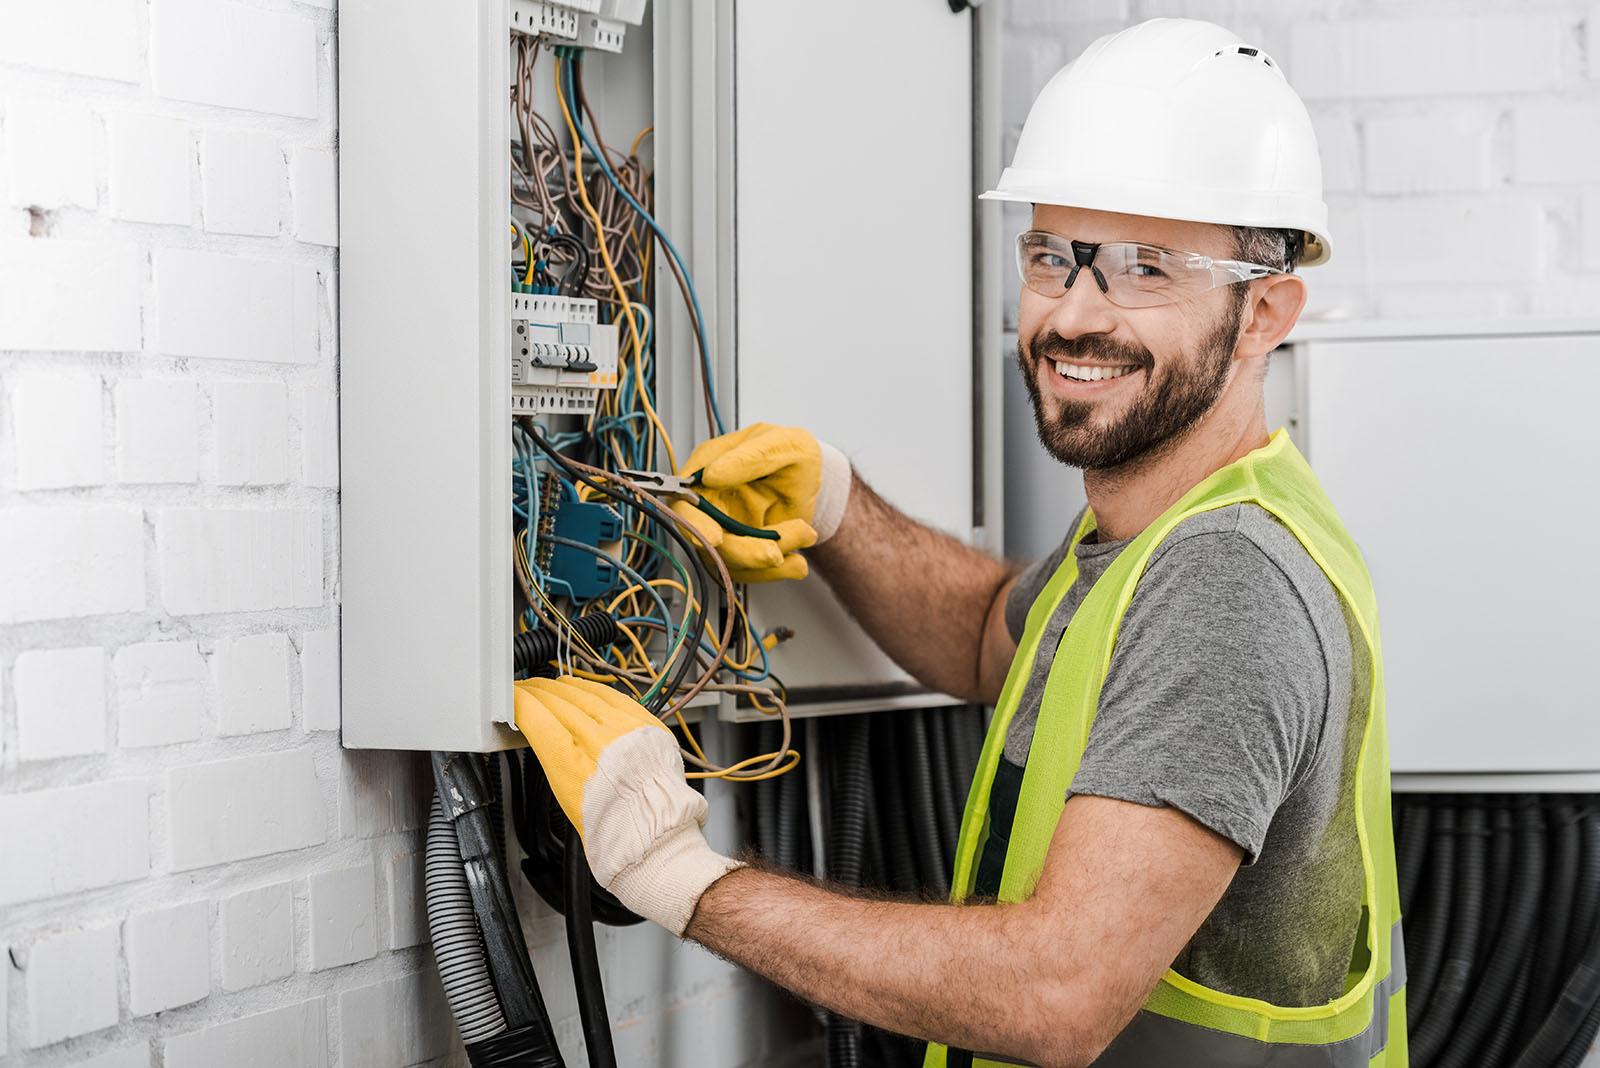 Leende elektriker i vit hjälm arbetar med ett elskåp.